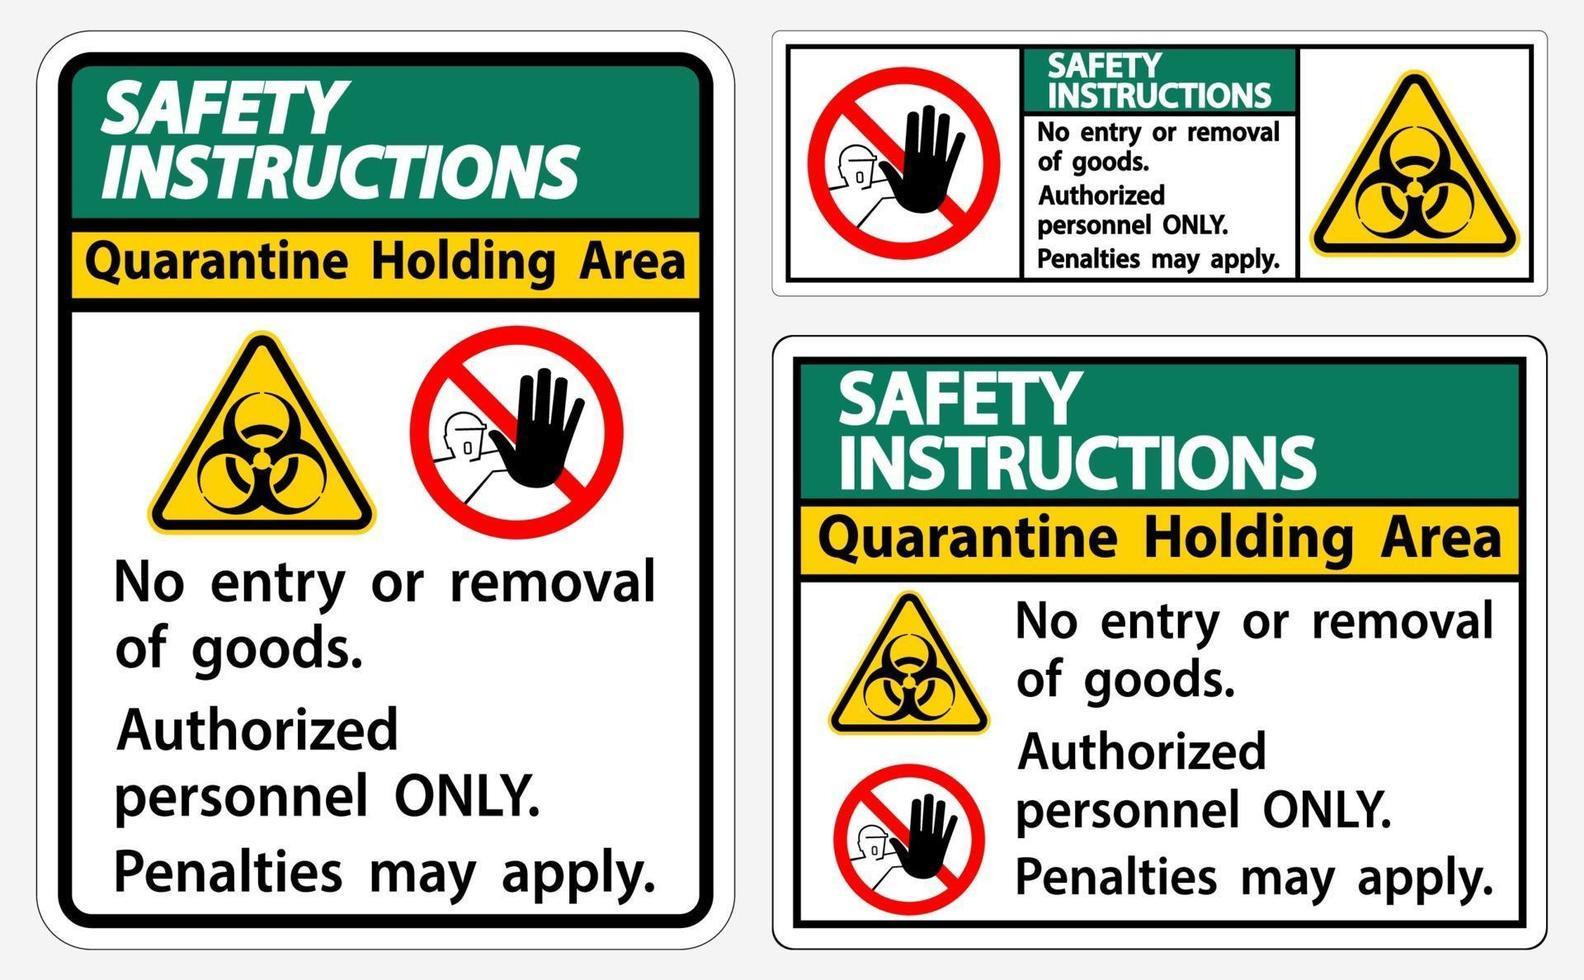 Istruzioni di sicurezza quarantena area di contenimento segno isolato su sfondo bianco, illustrazione vettoriale eps.10